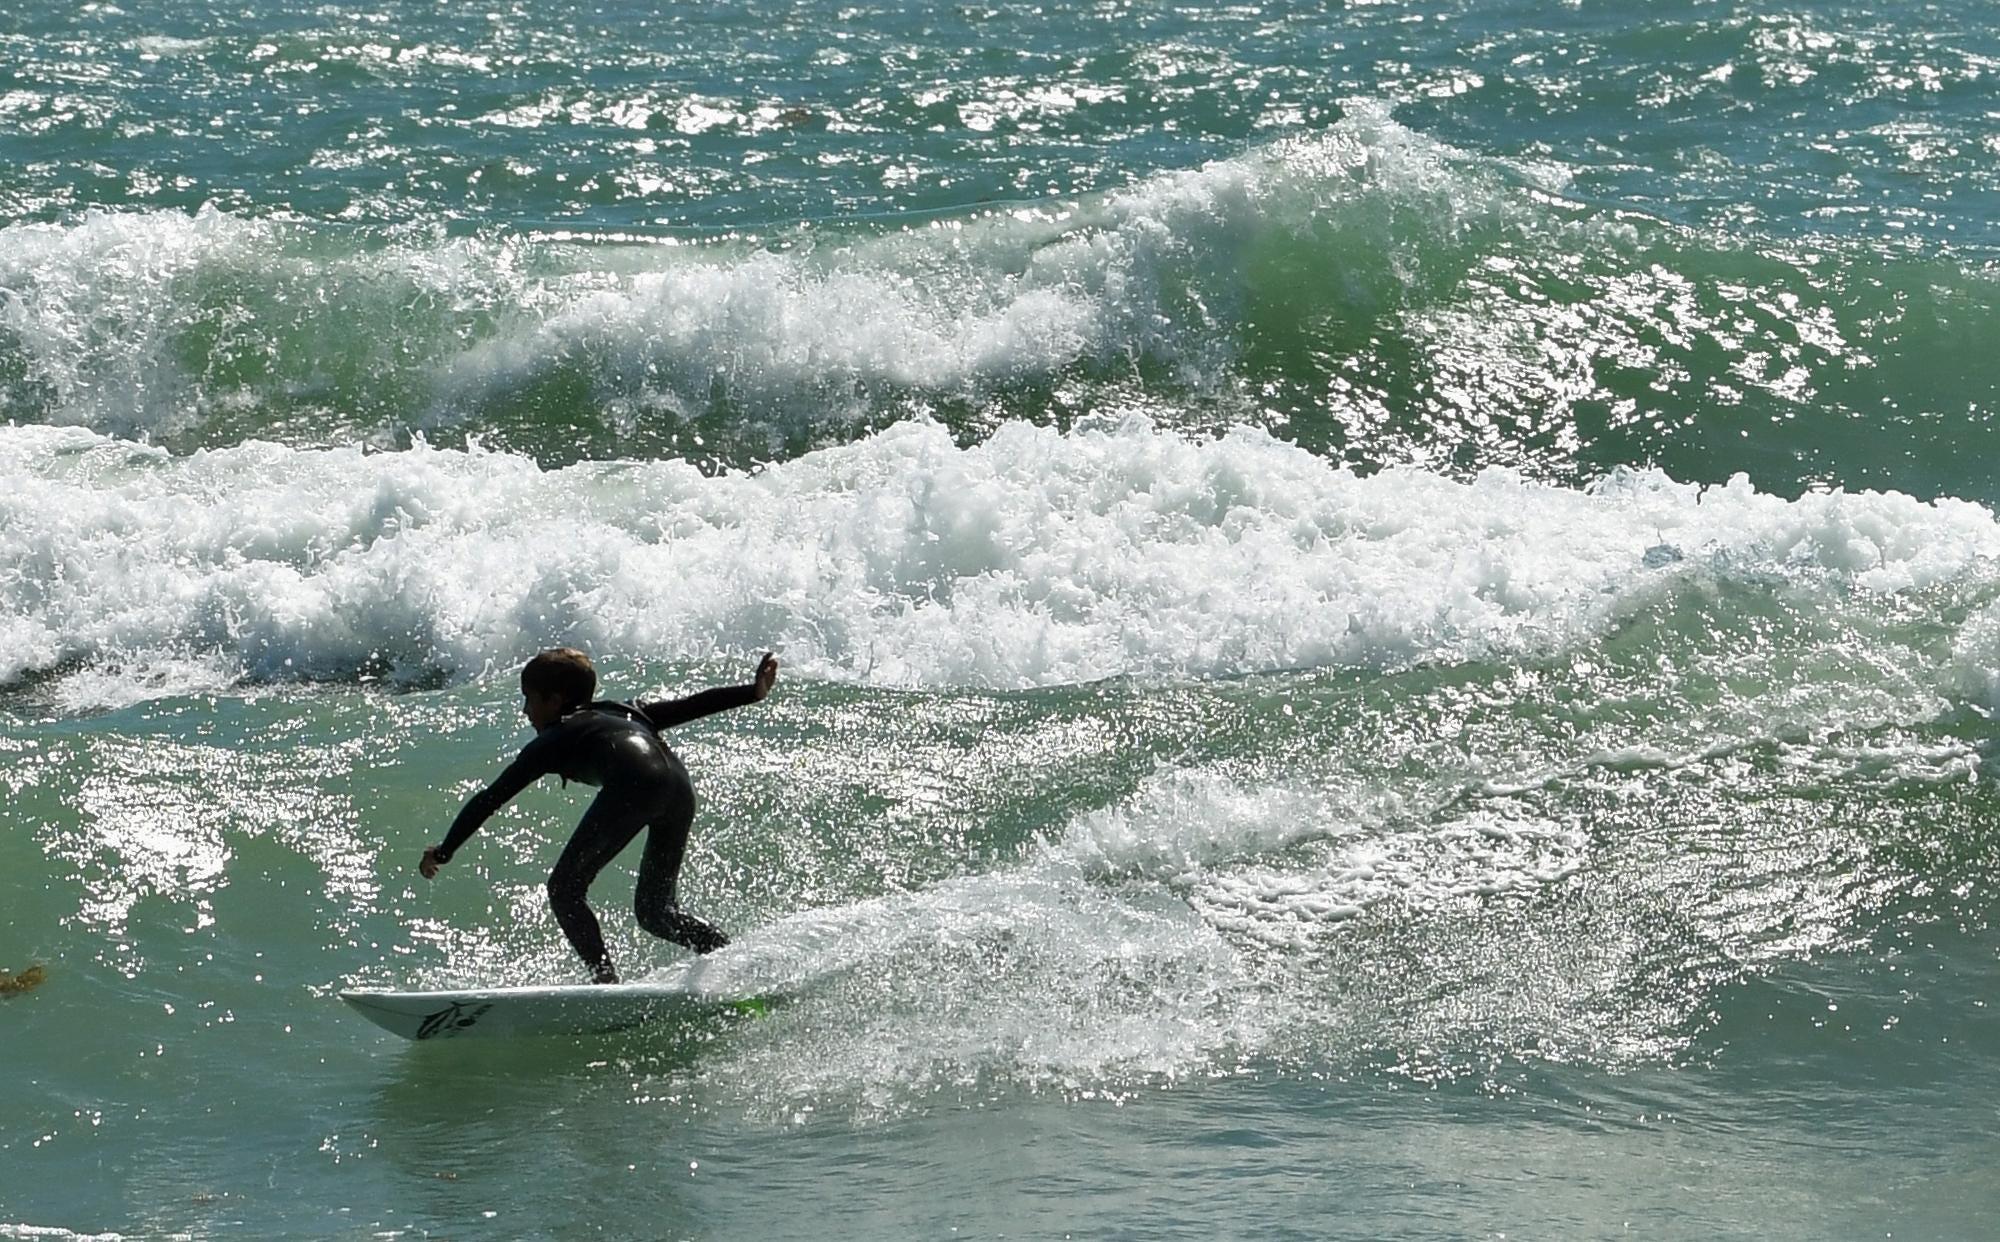 B9327193984Z.1_20170416193814_000_GJ8I35233.1-0 McLean, Dean win longboard surfing in Easter Pro/Am